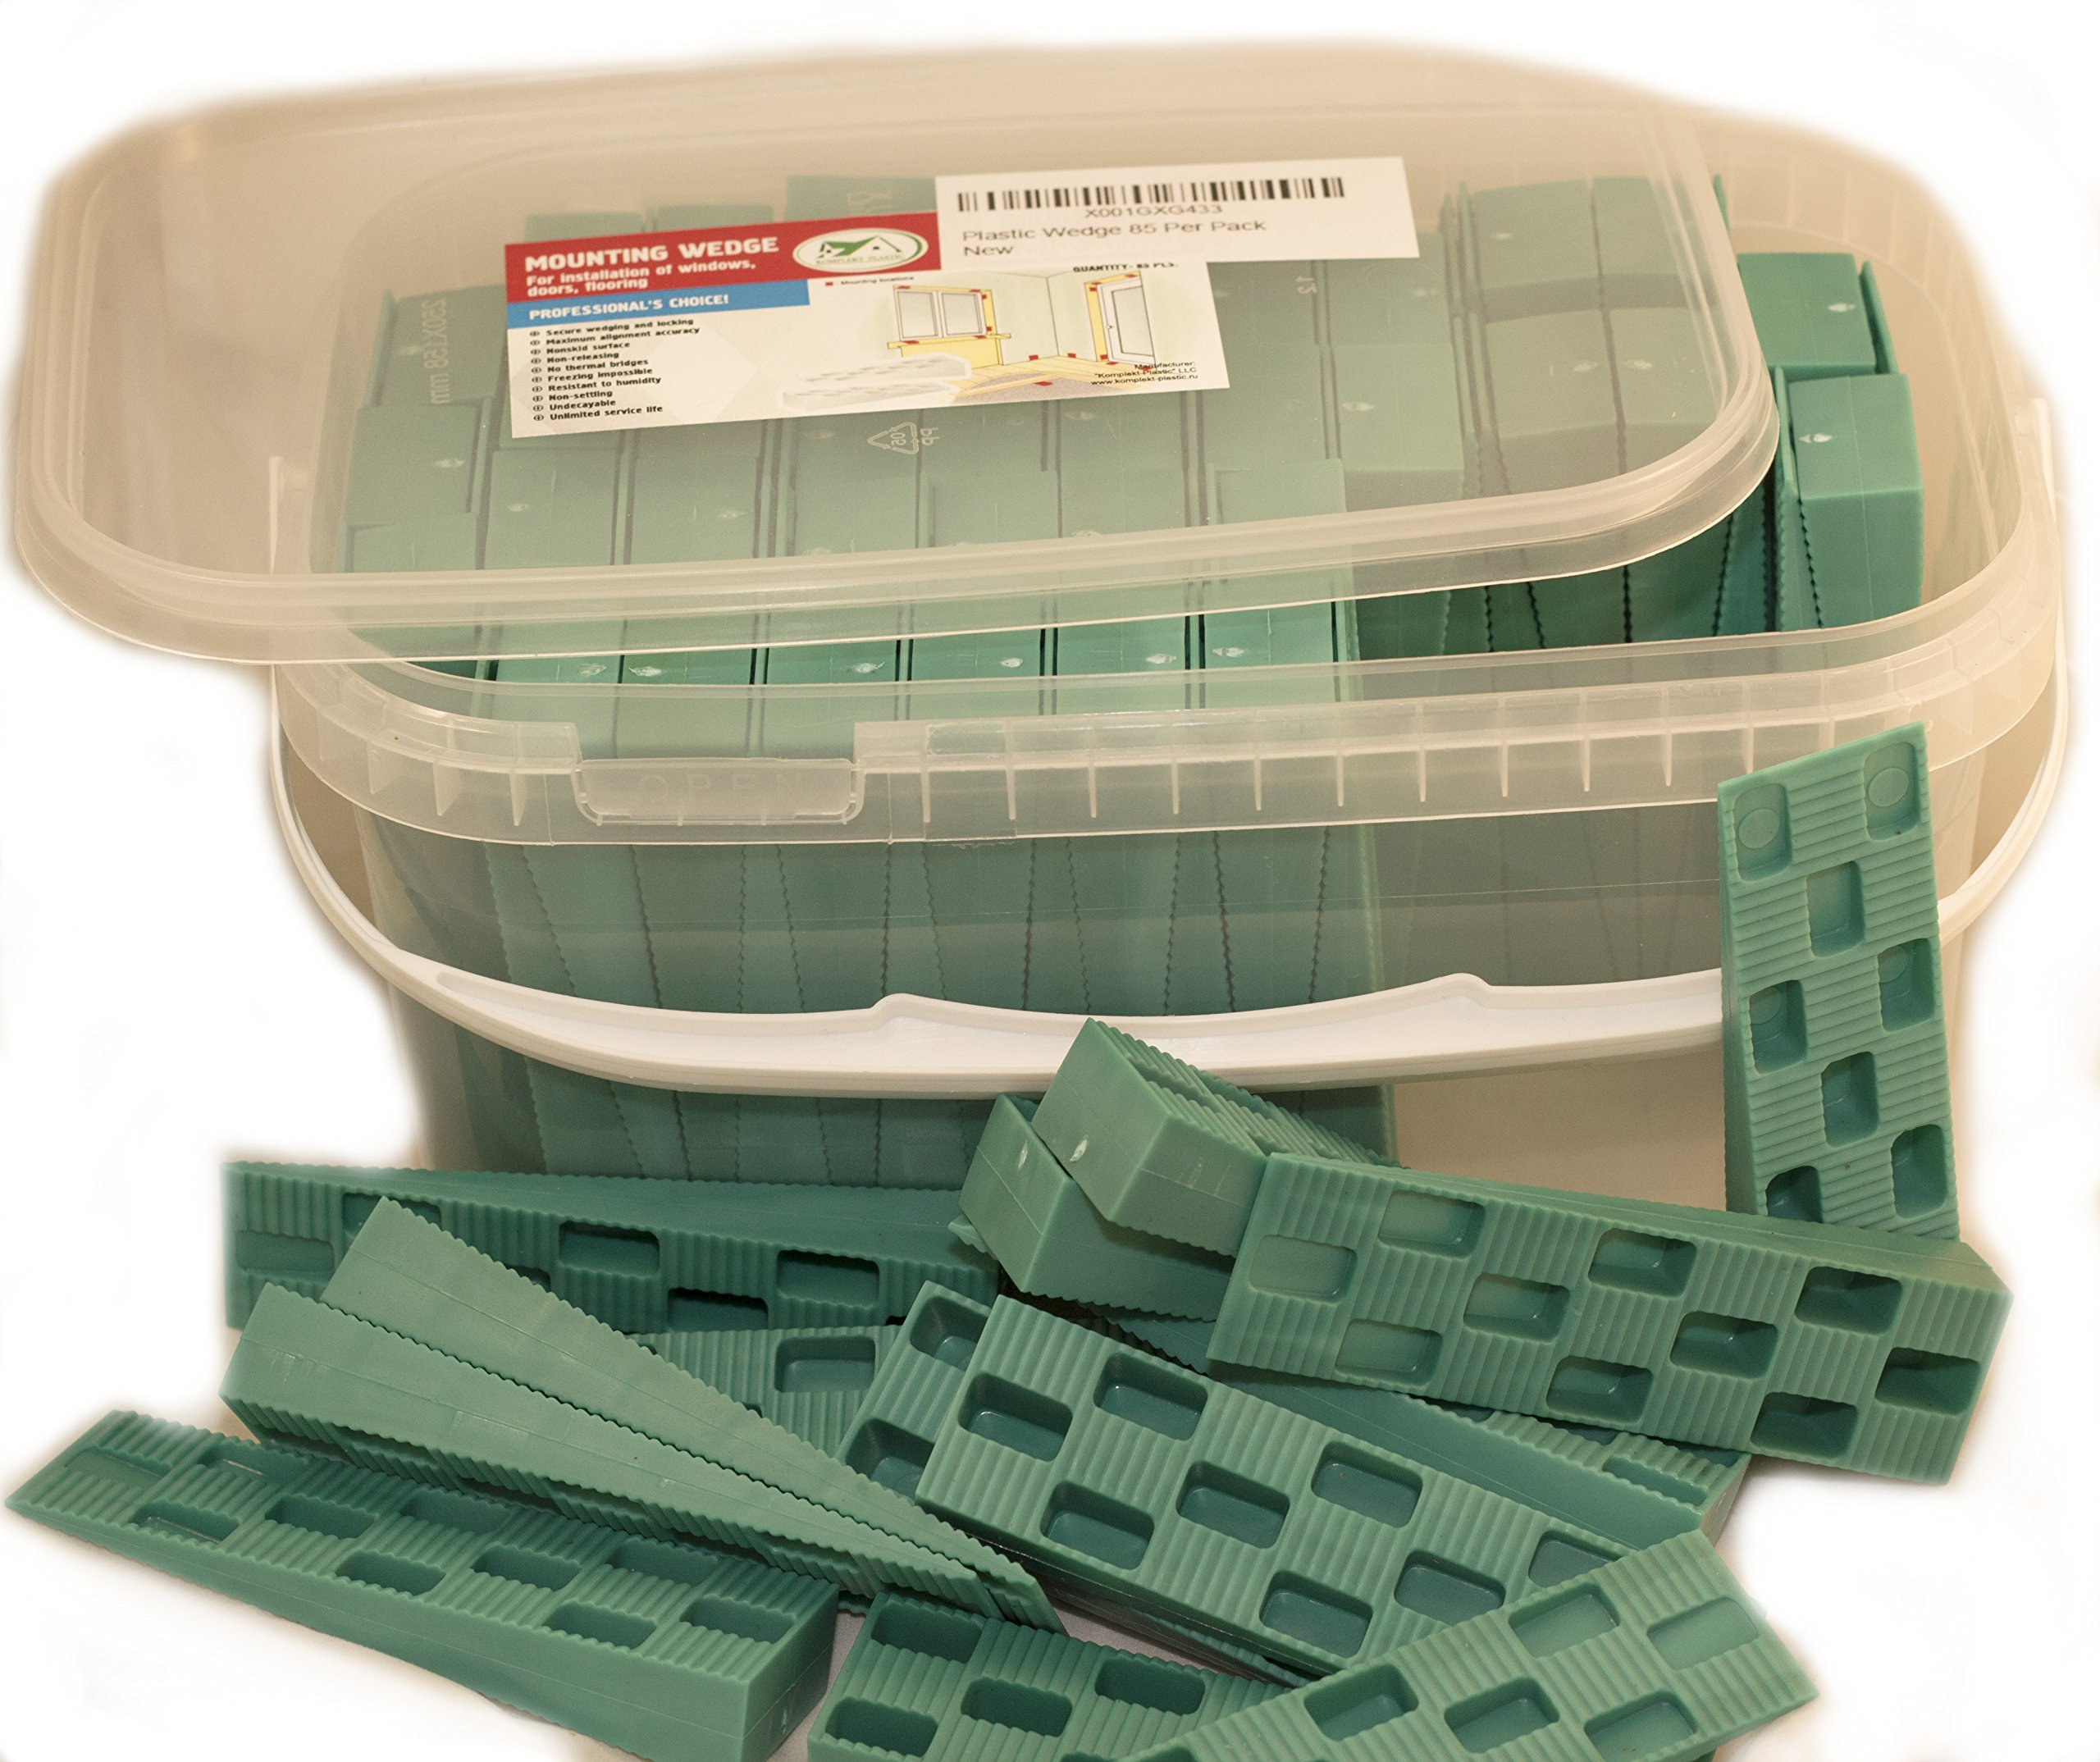 """Plastic Wedge - For Using as Door Wedges, Window Wedges, Flooring Spacers - Universal Plastic Shims - 4.5""""х1.2""""х0.7"""" - Green - 85 Per Pack"""